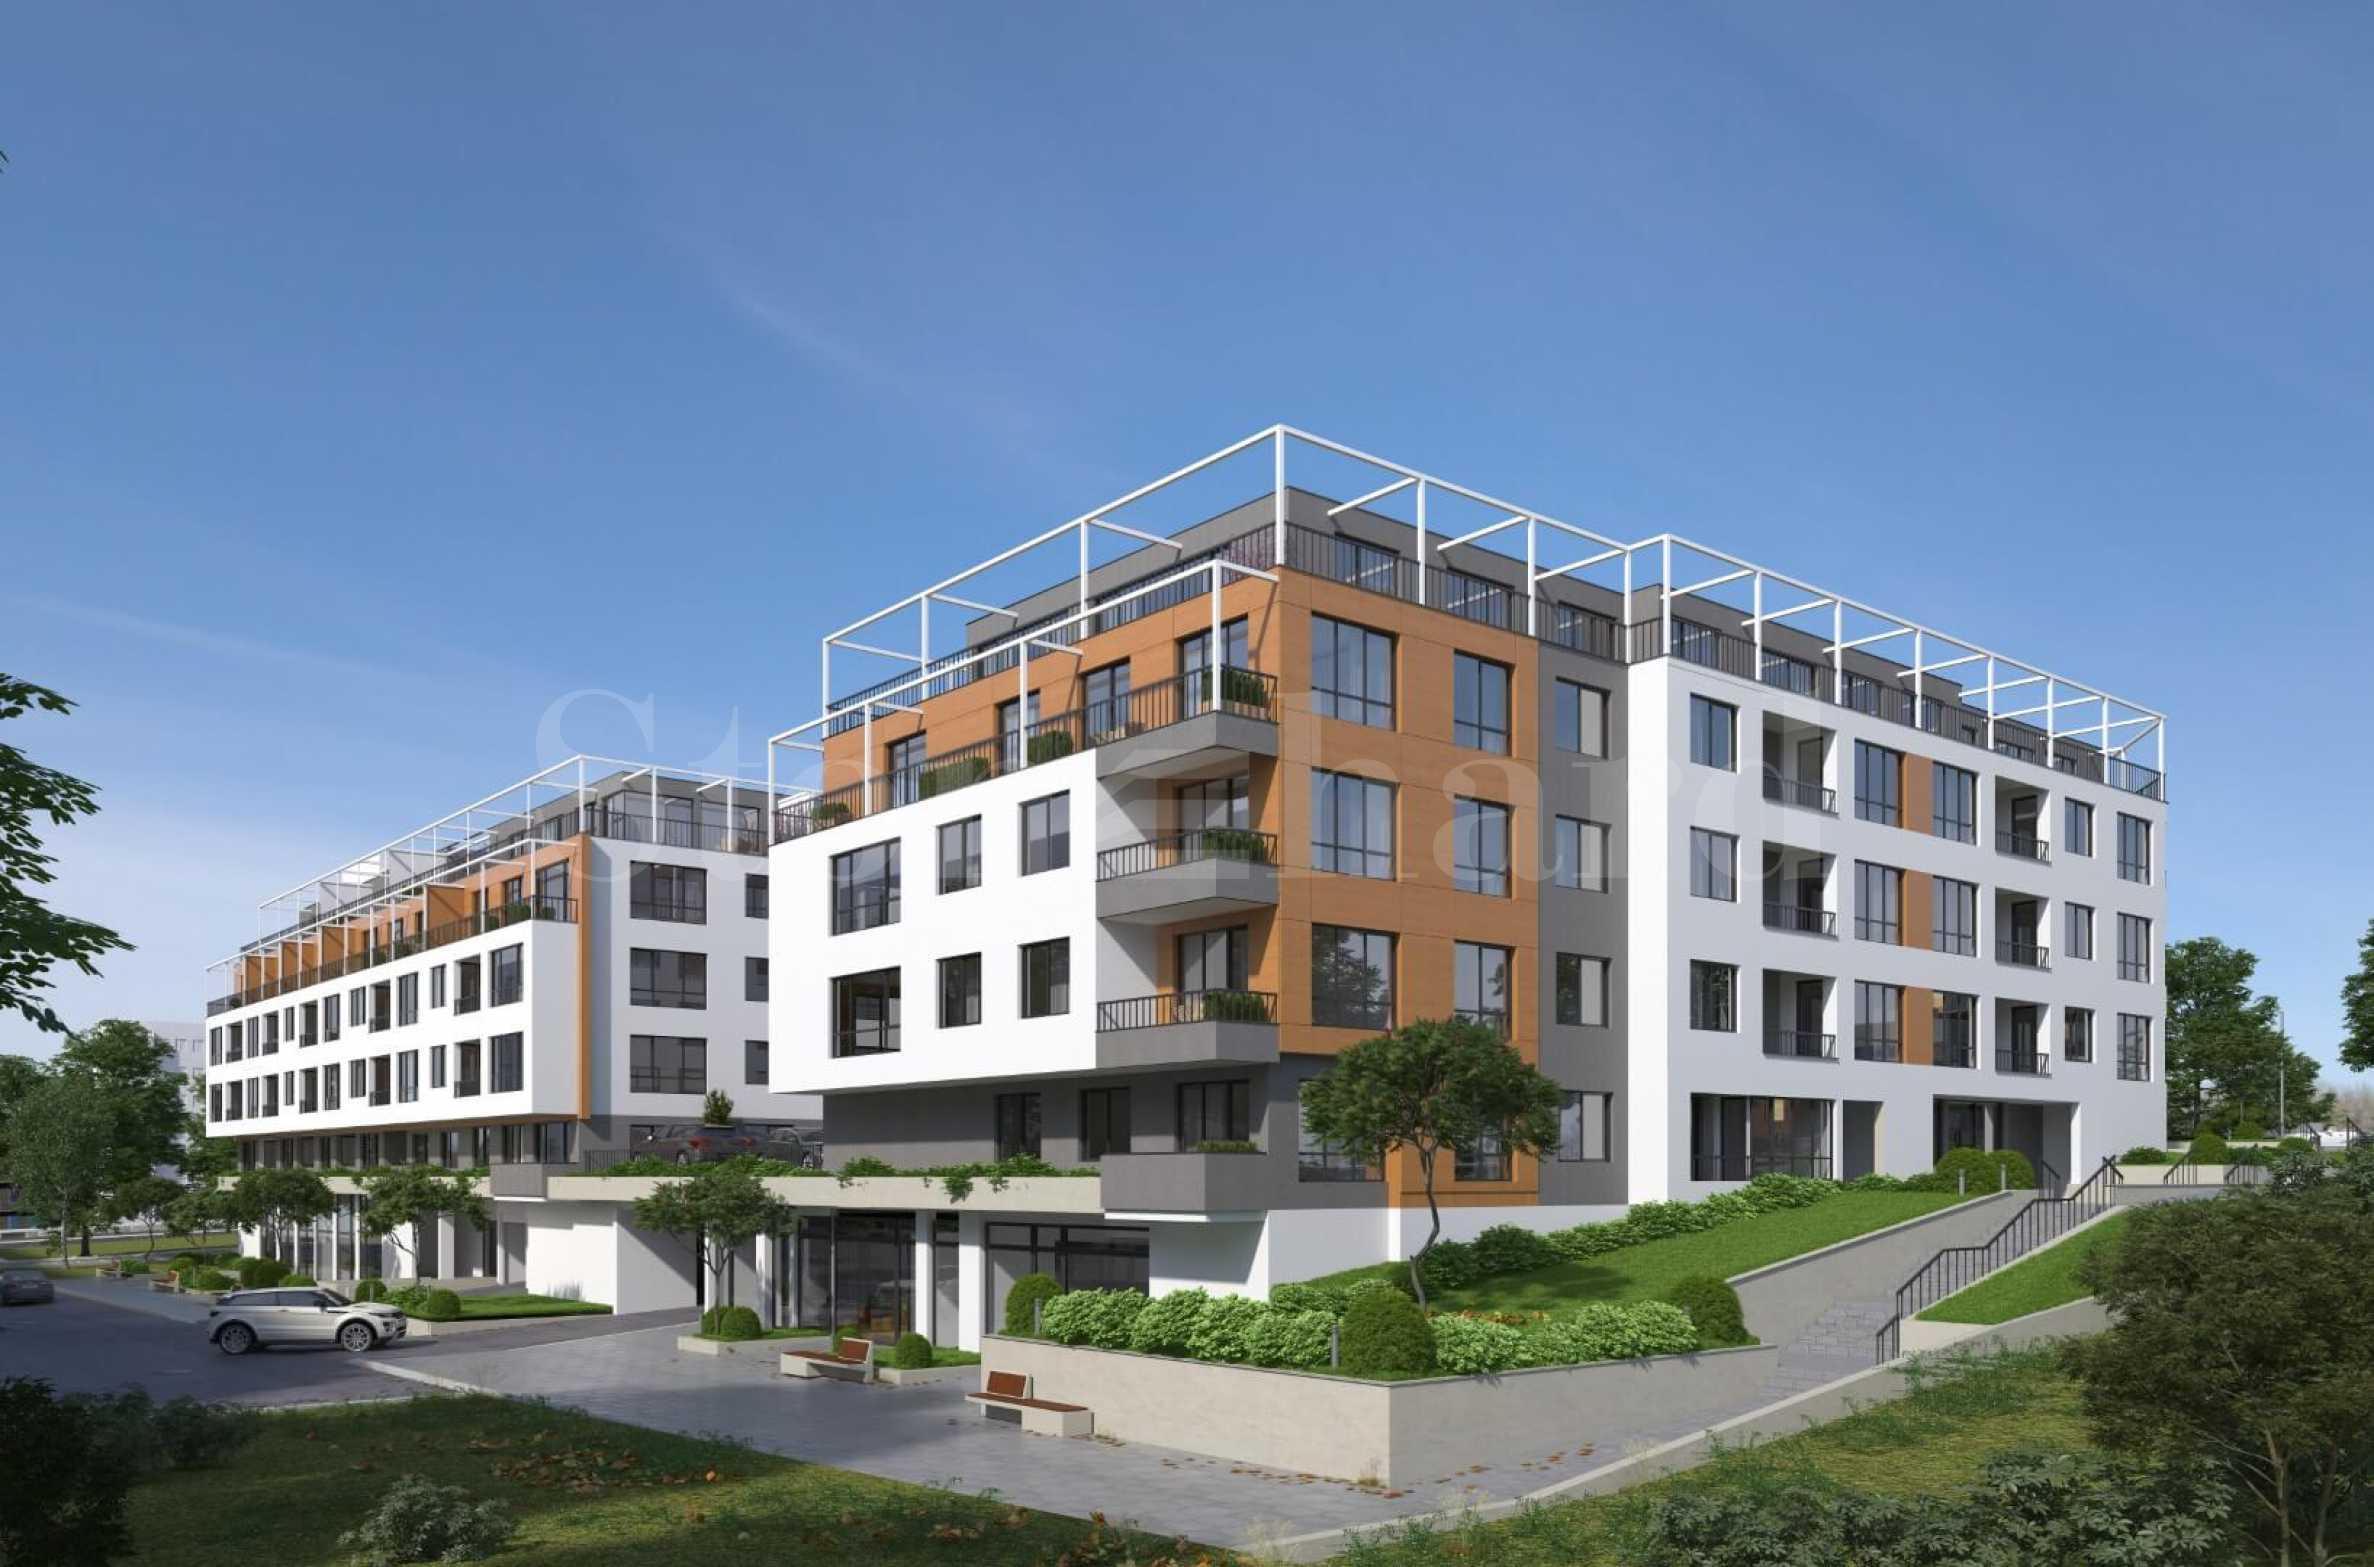 Тристайни жилища в модерни сгради в кв. Младост1 - Stonehard